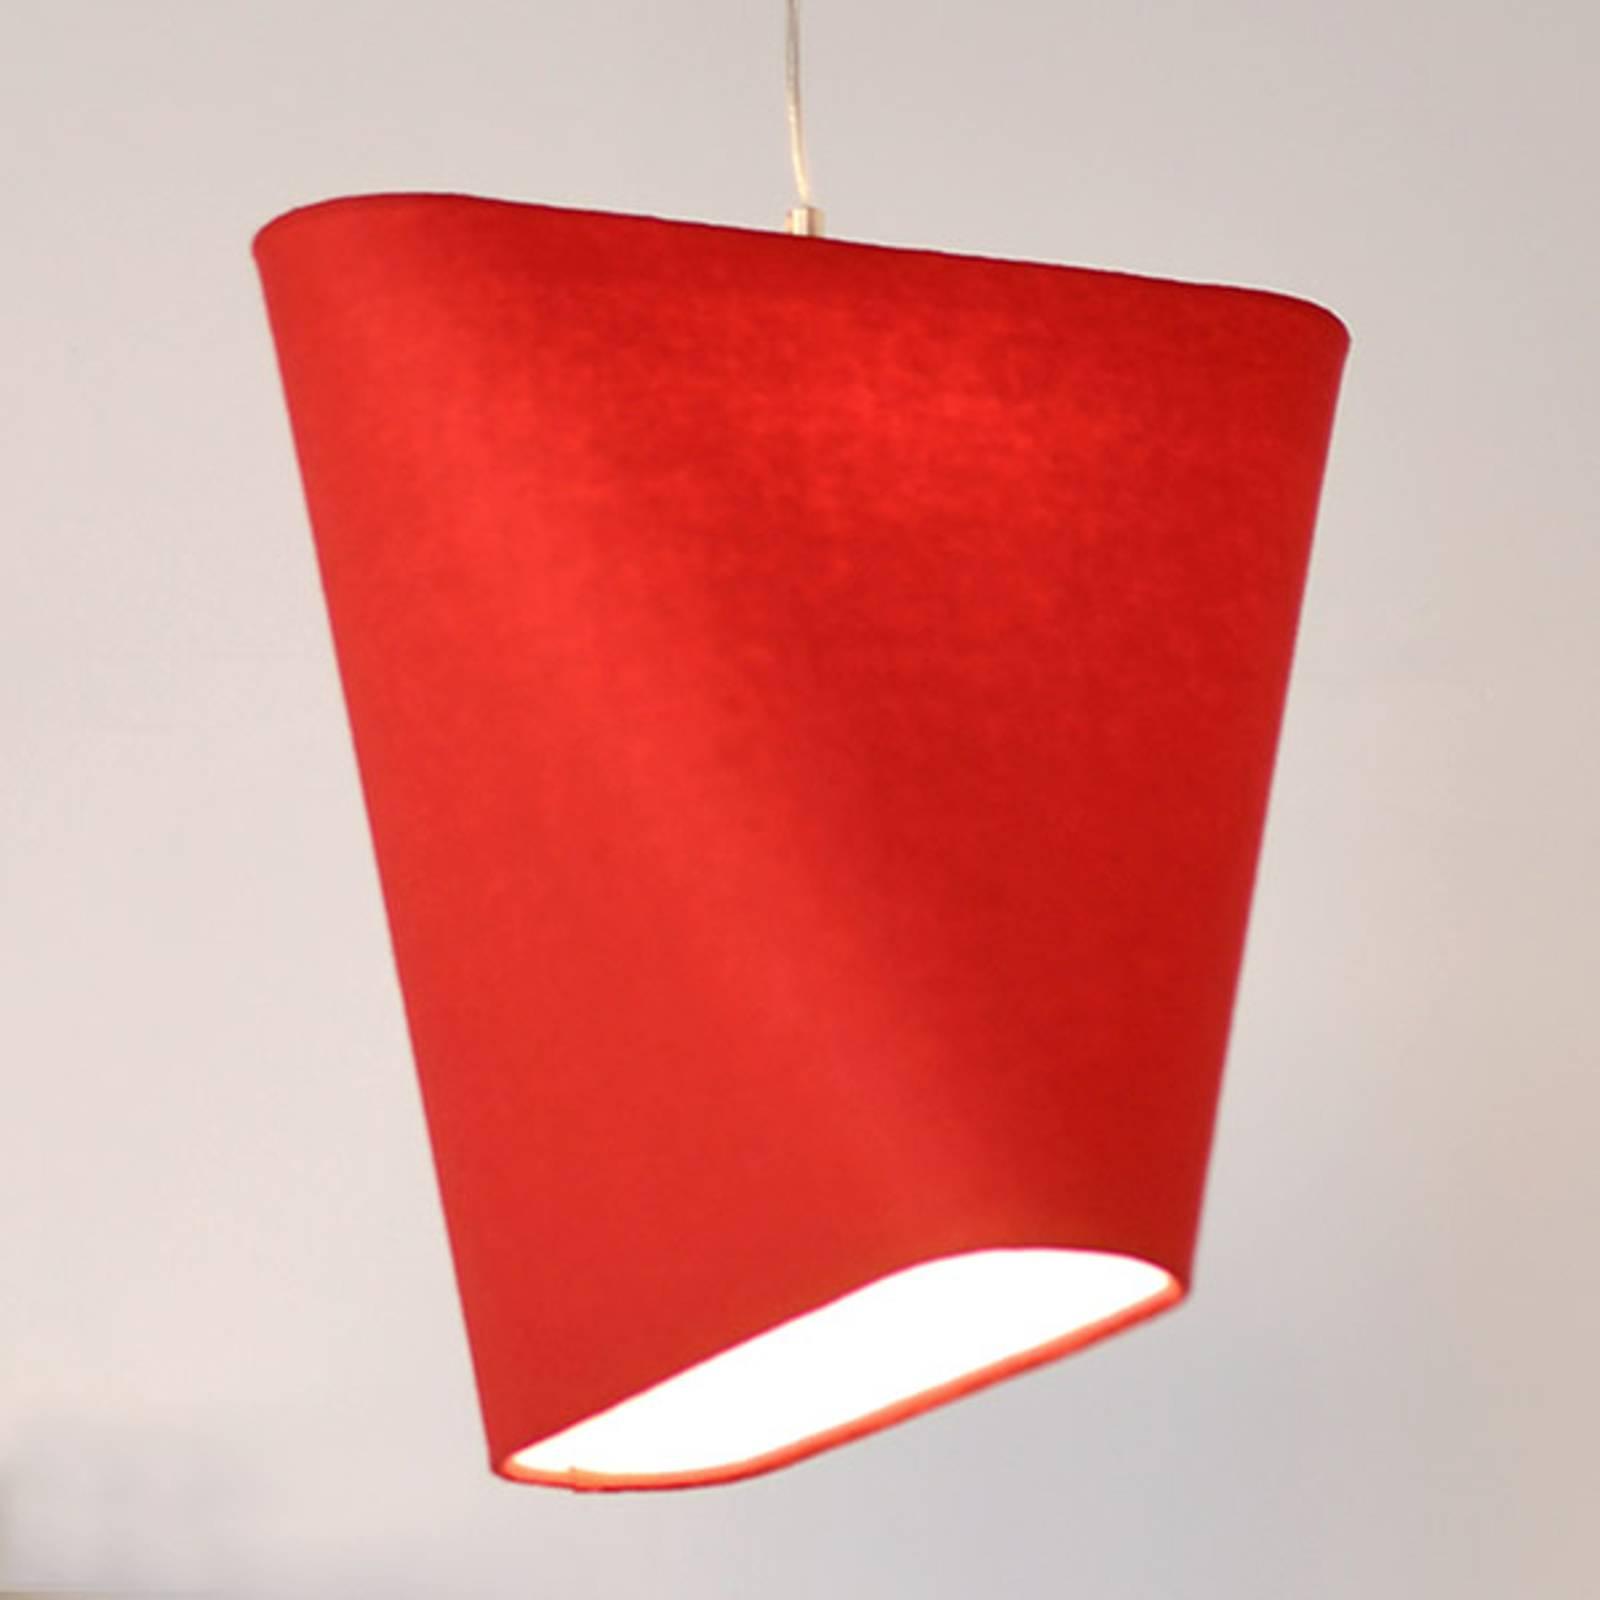 Innermost MnM 40 -tekstiili-riippuvalo, punainen